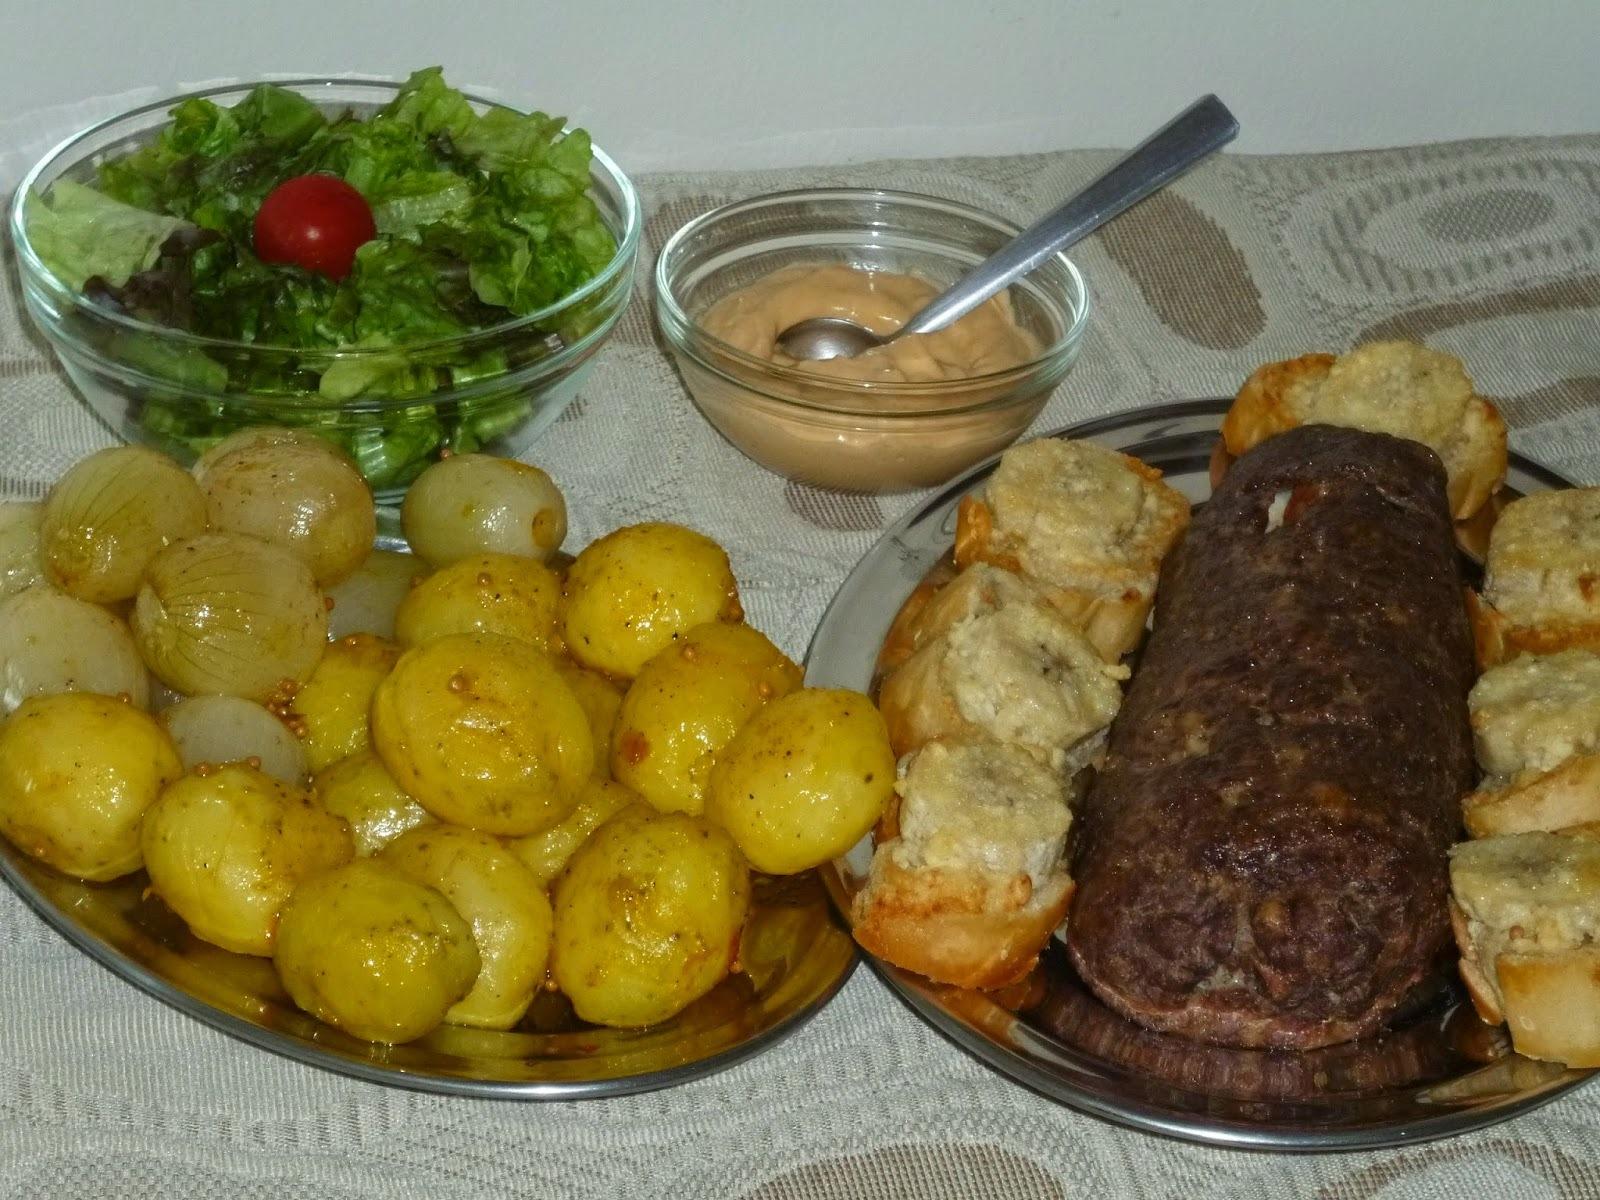 TORRADINHAS DE BANANA  C/ ROCAMBOLE DE CARNE MOÍDA (recheado c/cenoura, bacon,ovos e pimentões) E BATATINHAS ASSADAS